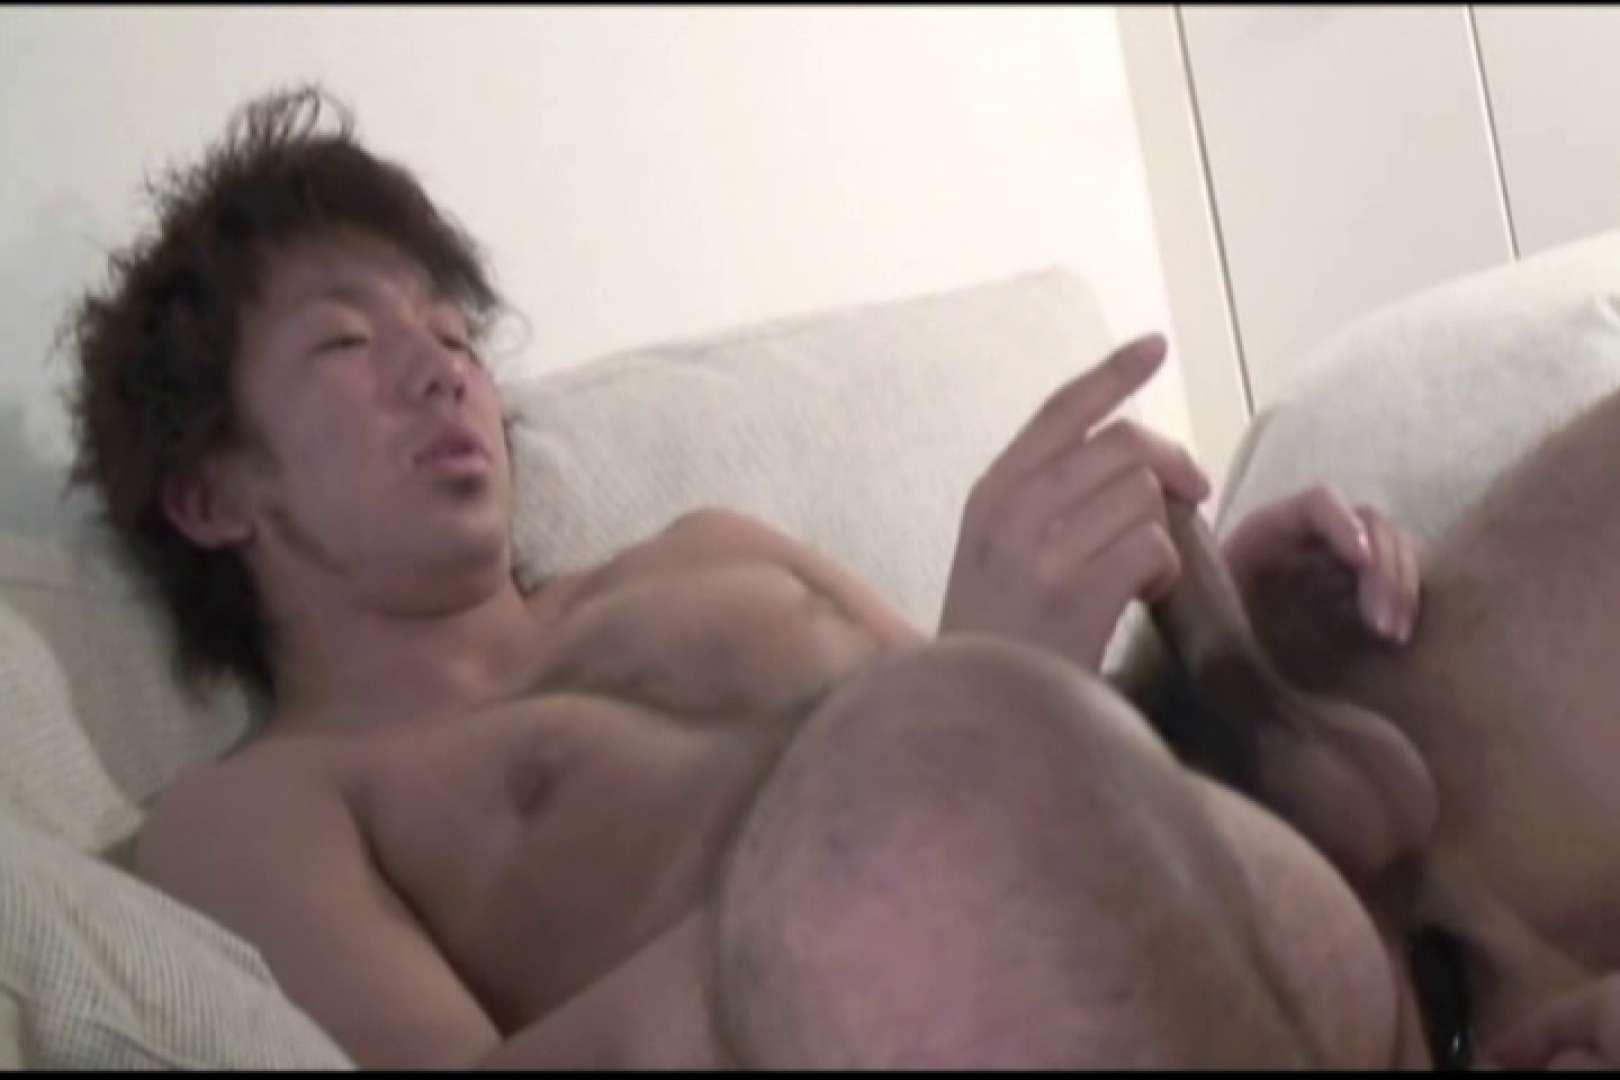 アヘ顔が最高!アナル中毒VOL.04 手コキ | アヘ顔  78pic 31